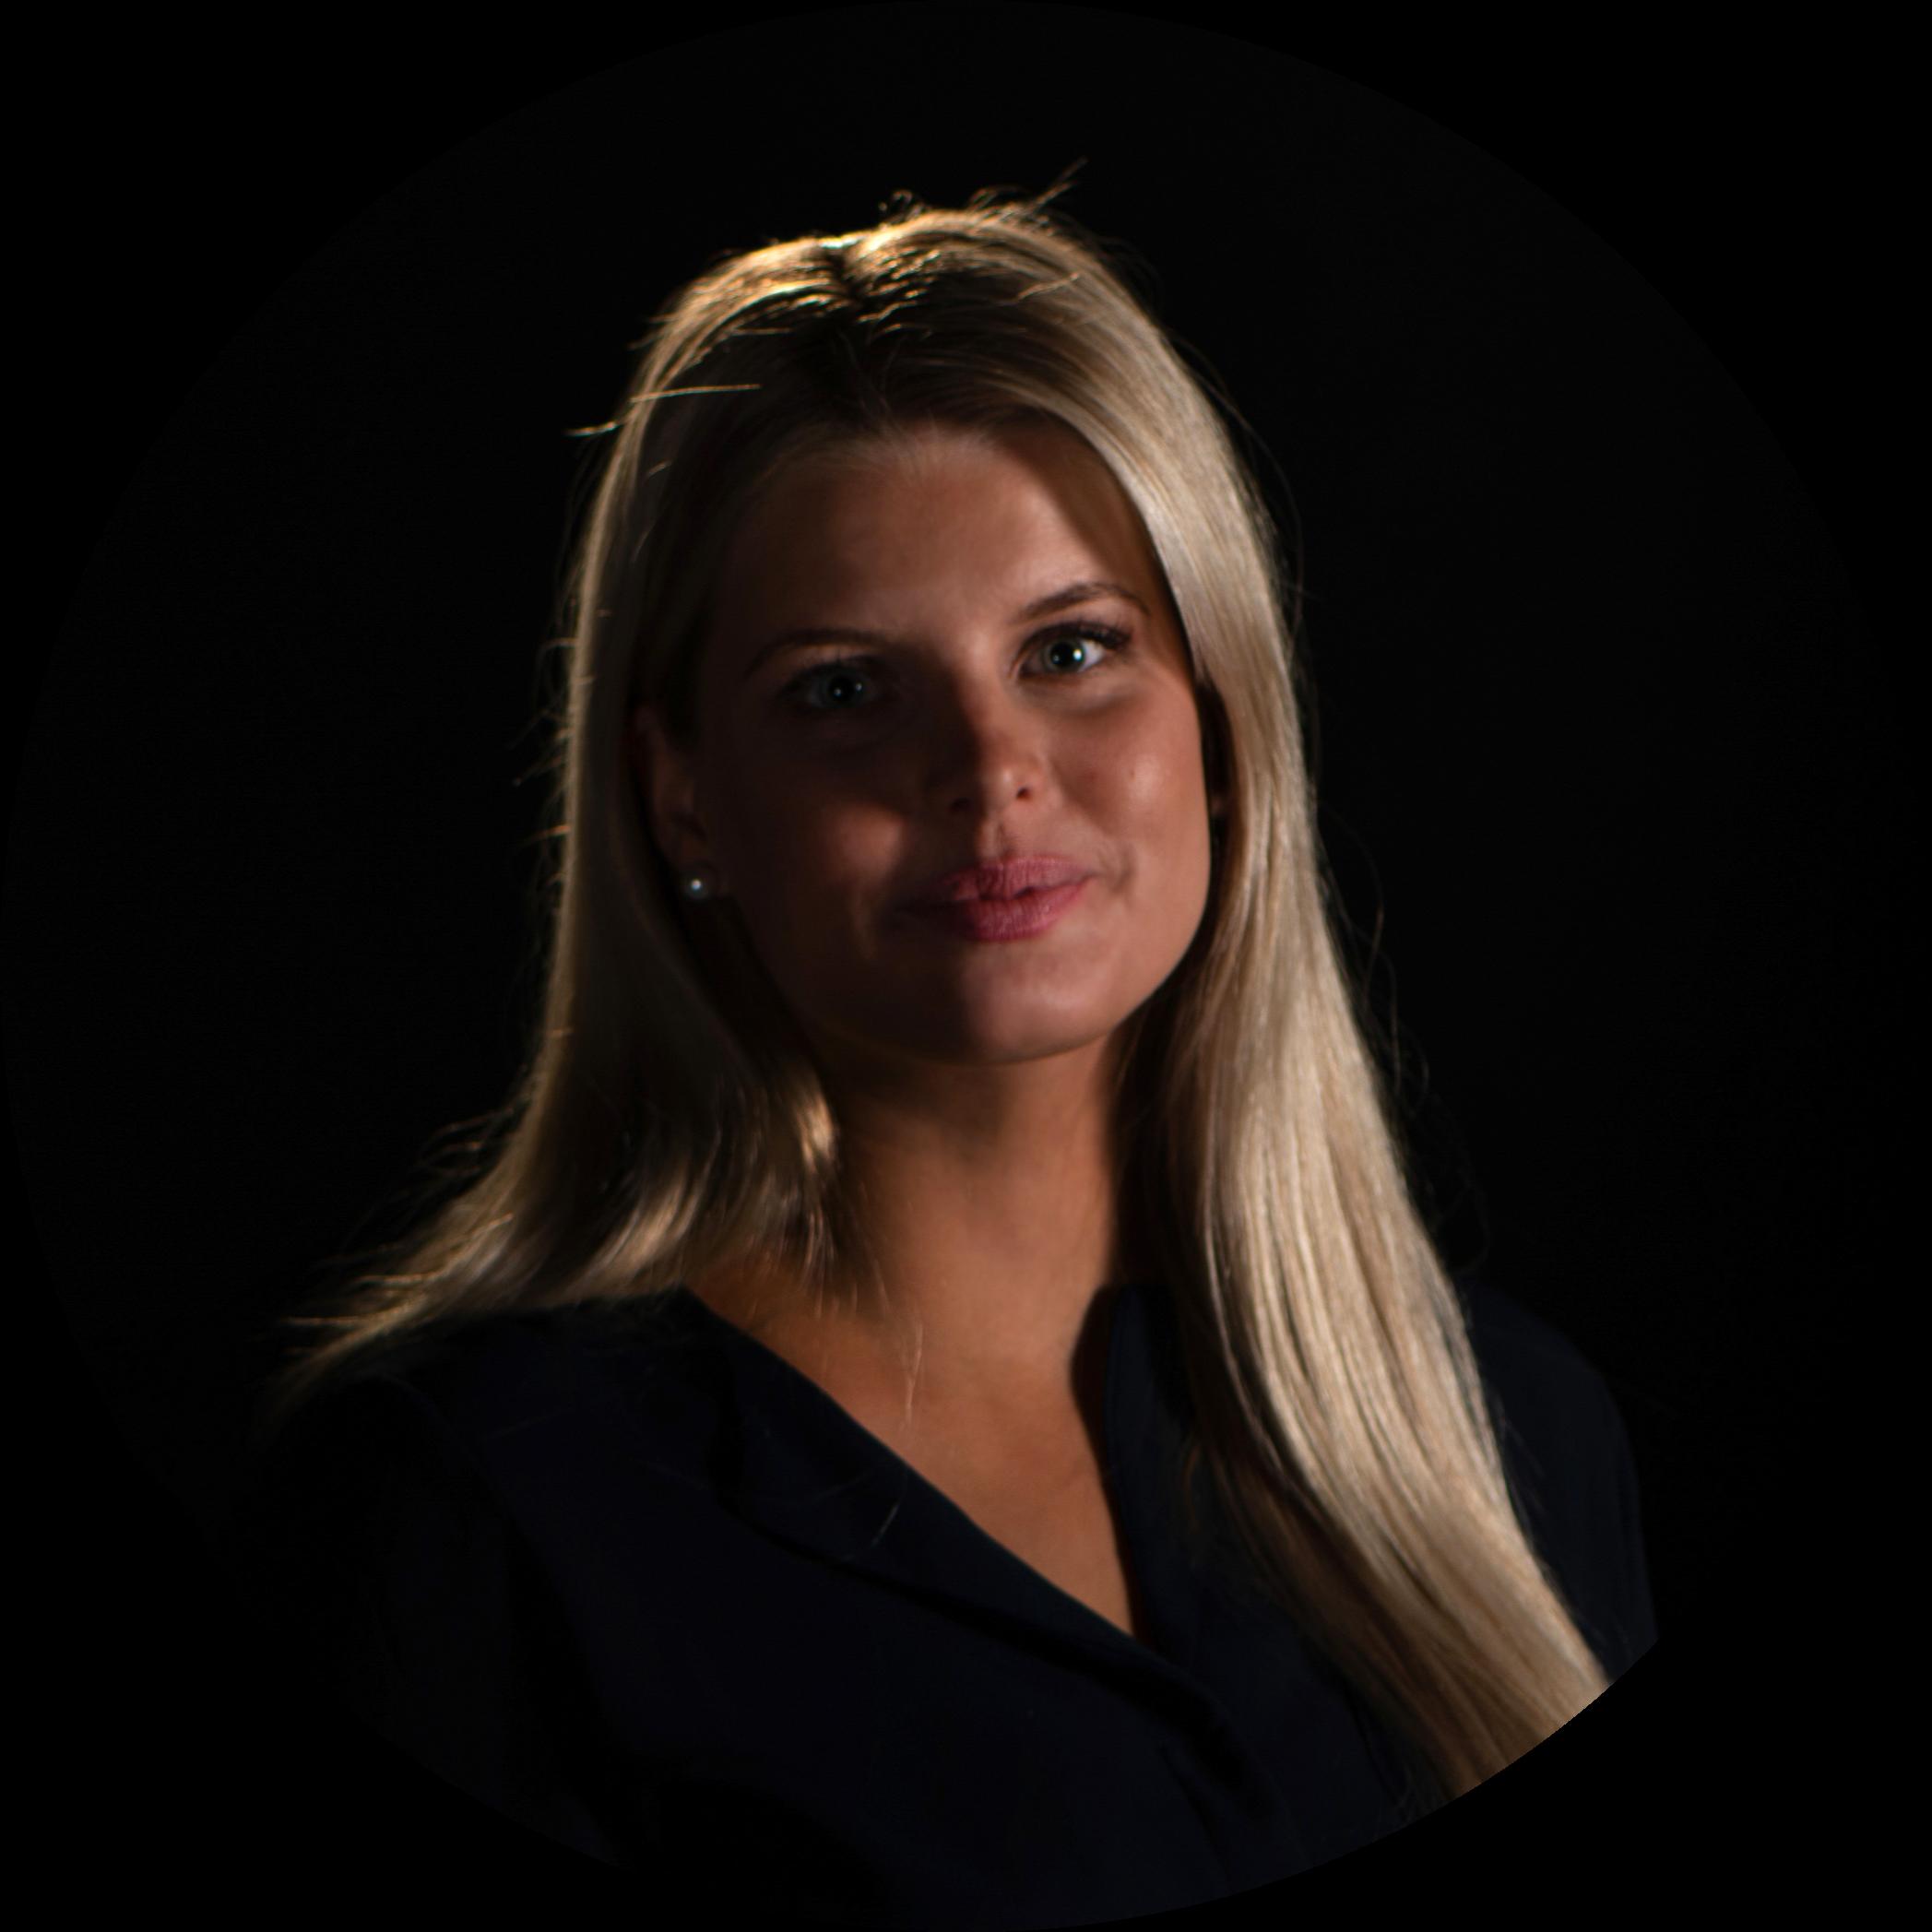 Photo of Sarianne Niemelä, CIVIT coordinator